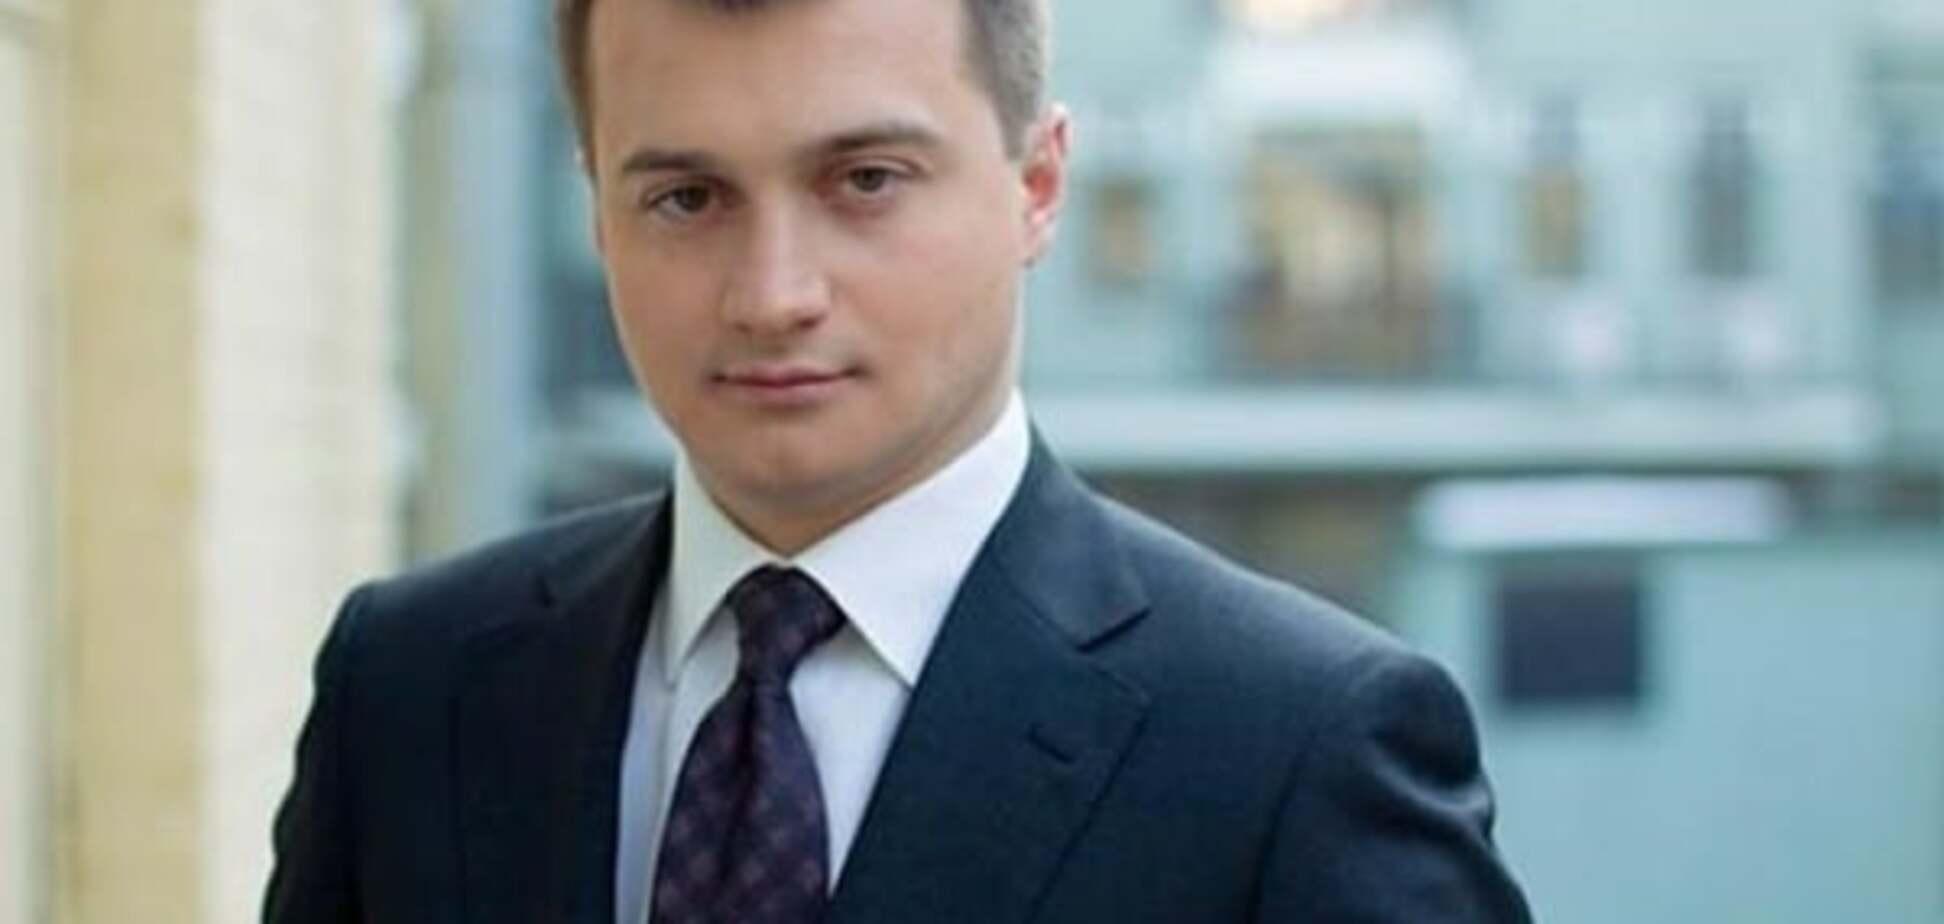 Скромненько: Березенко заявил, что хотел бы получать зарплату €200 тыс. в год